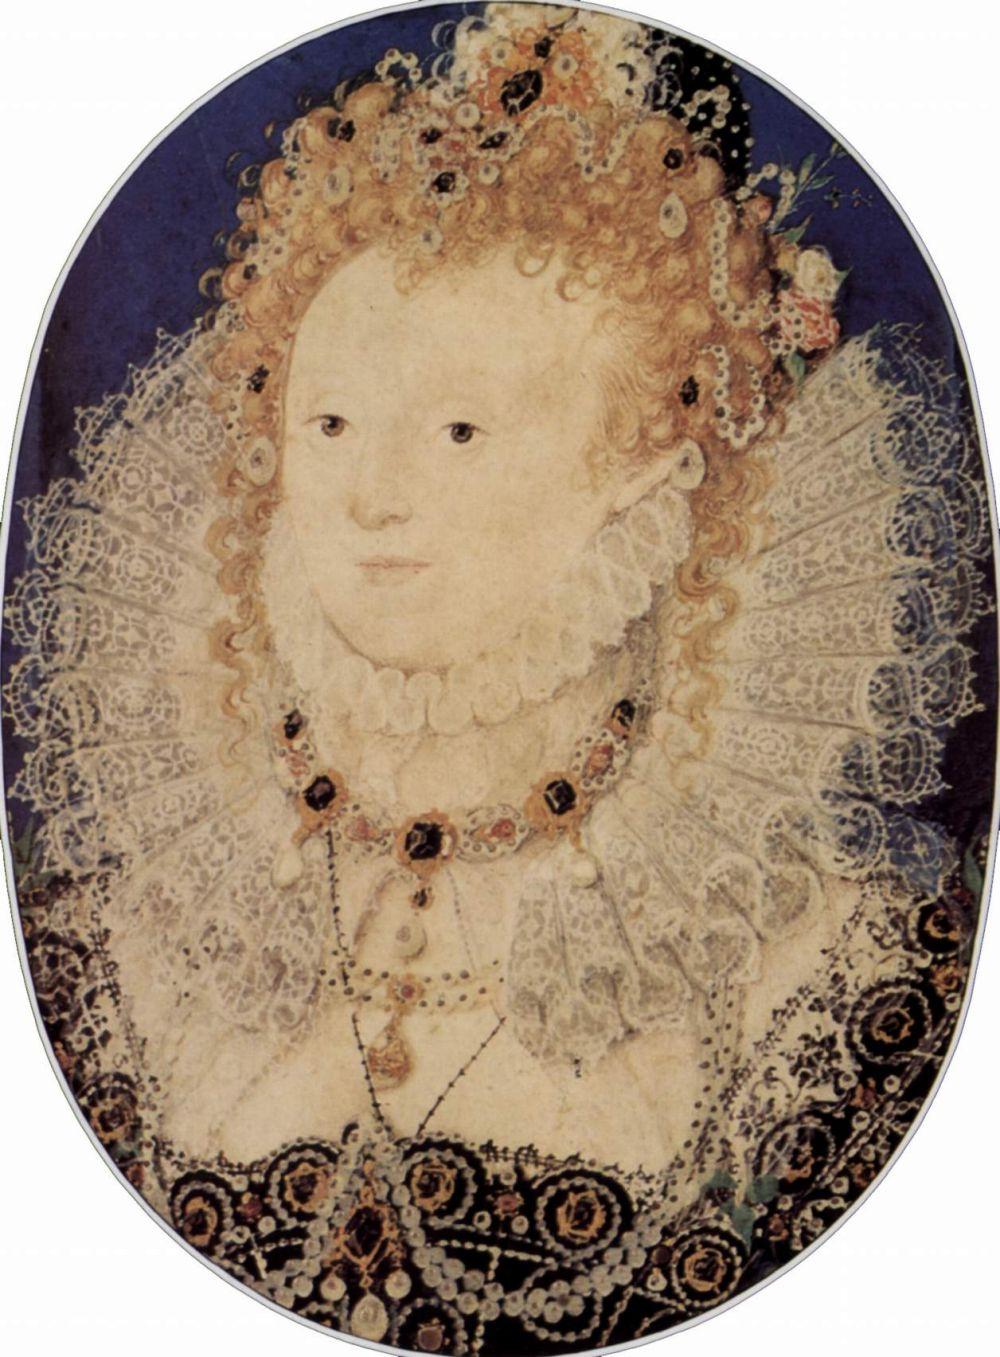 Nicolas Hilliard. Portrait of Elizabeth I, Queen of England